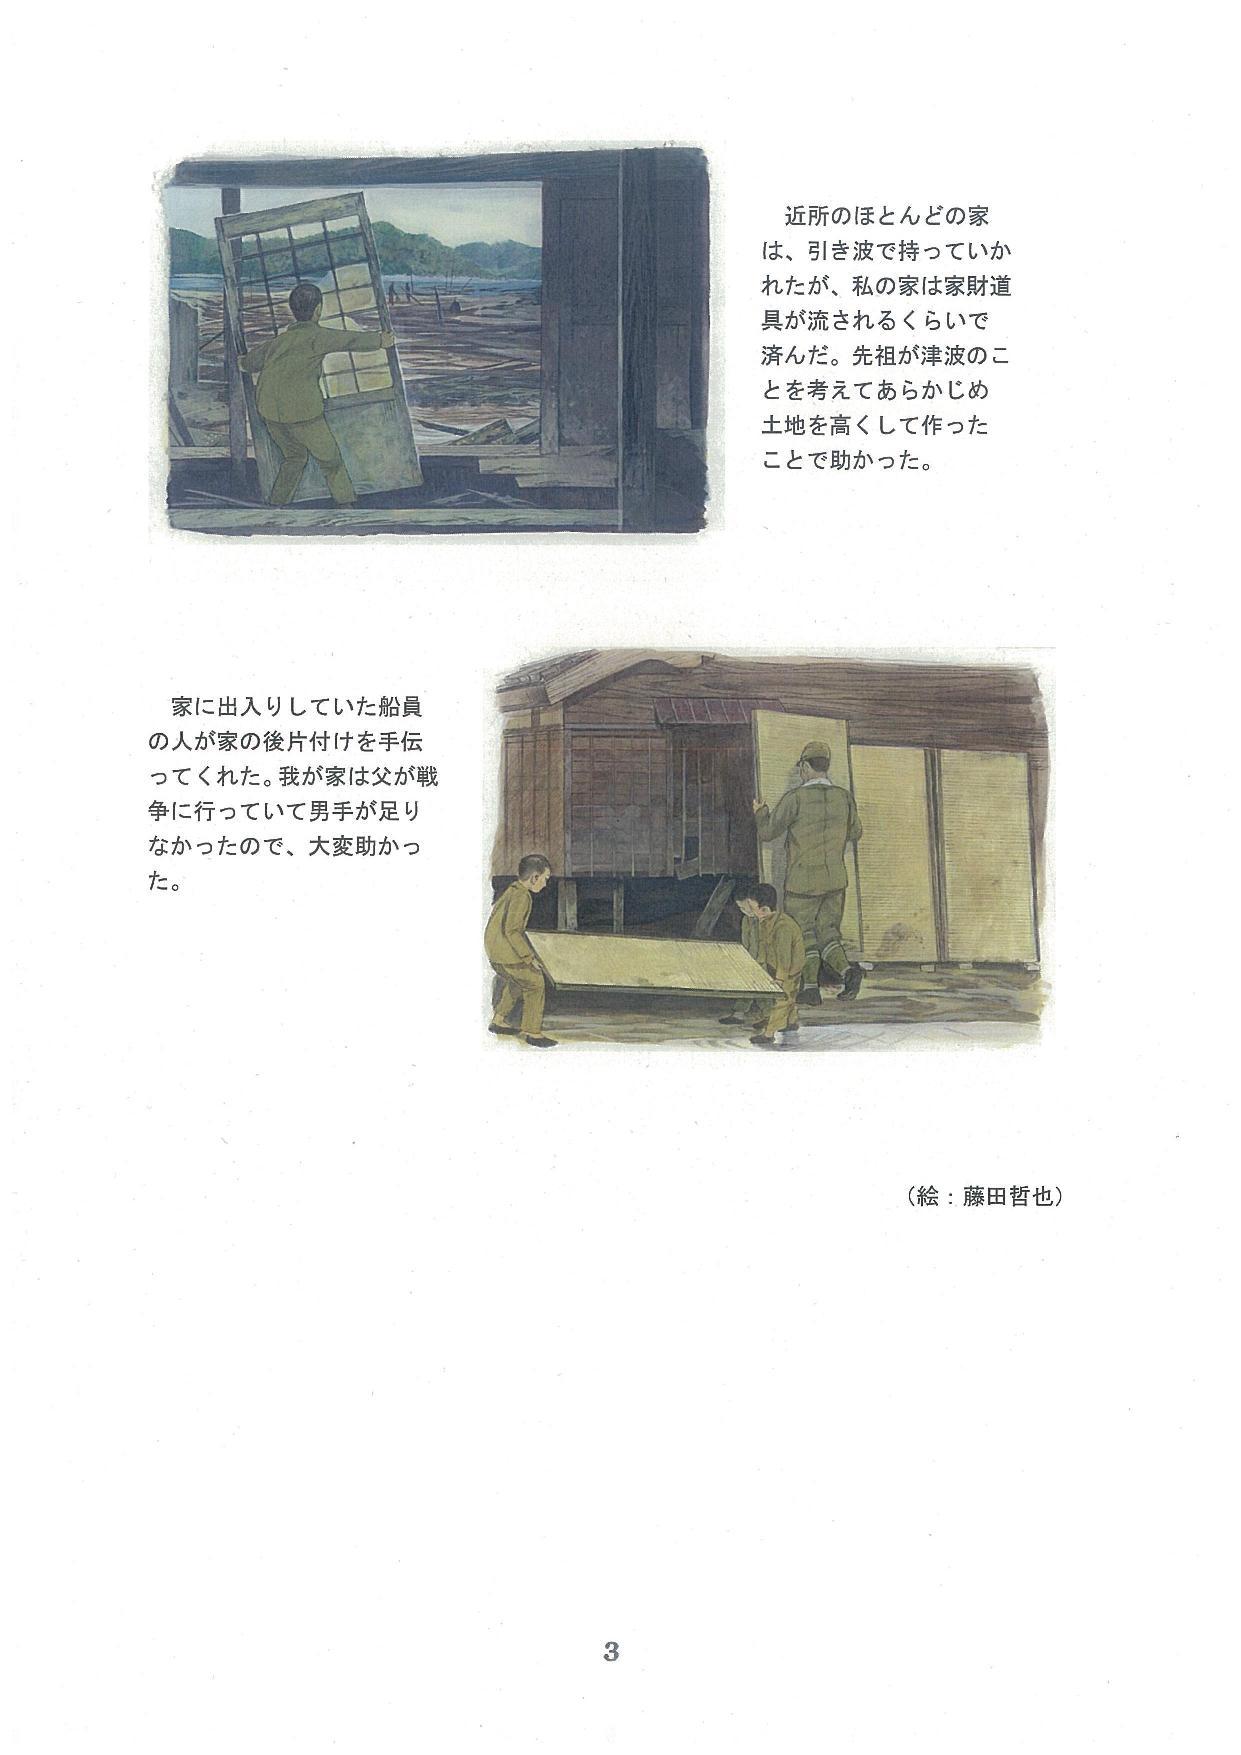 20171208-02_ページ_03